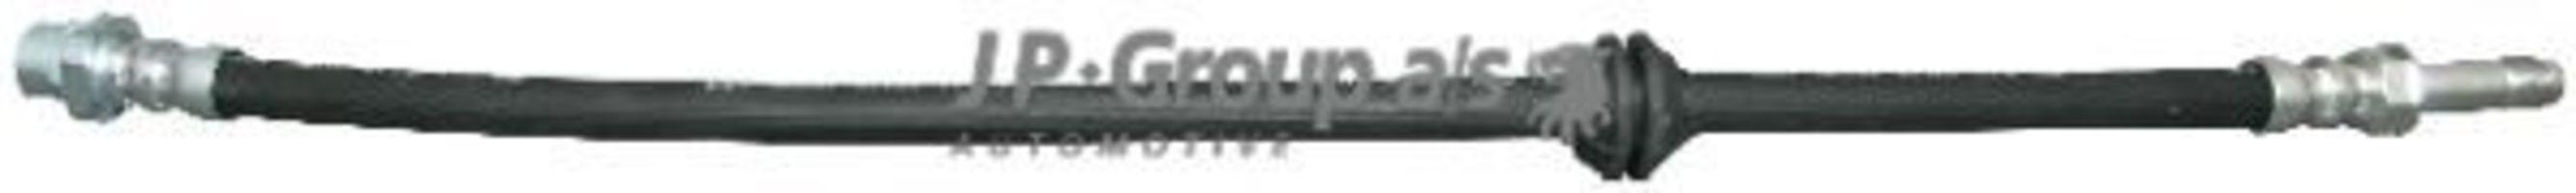 Шланг тормозной JP GROUP 1461601000